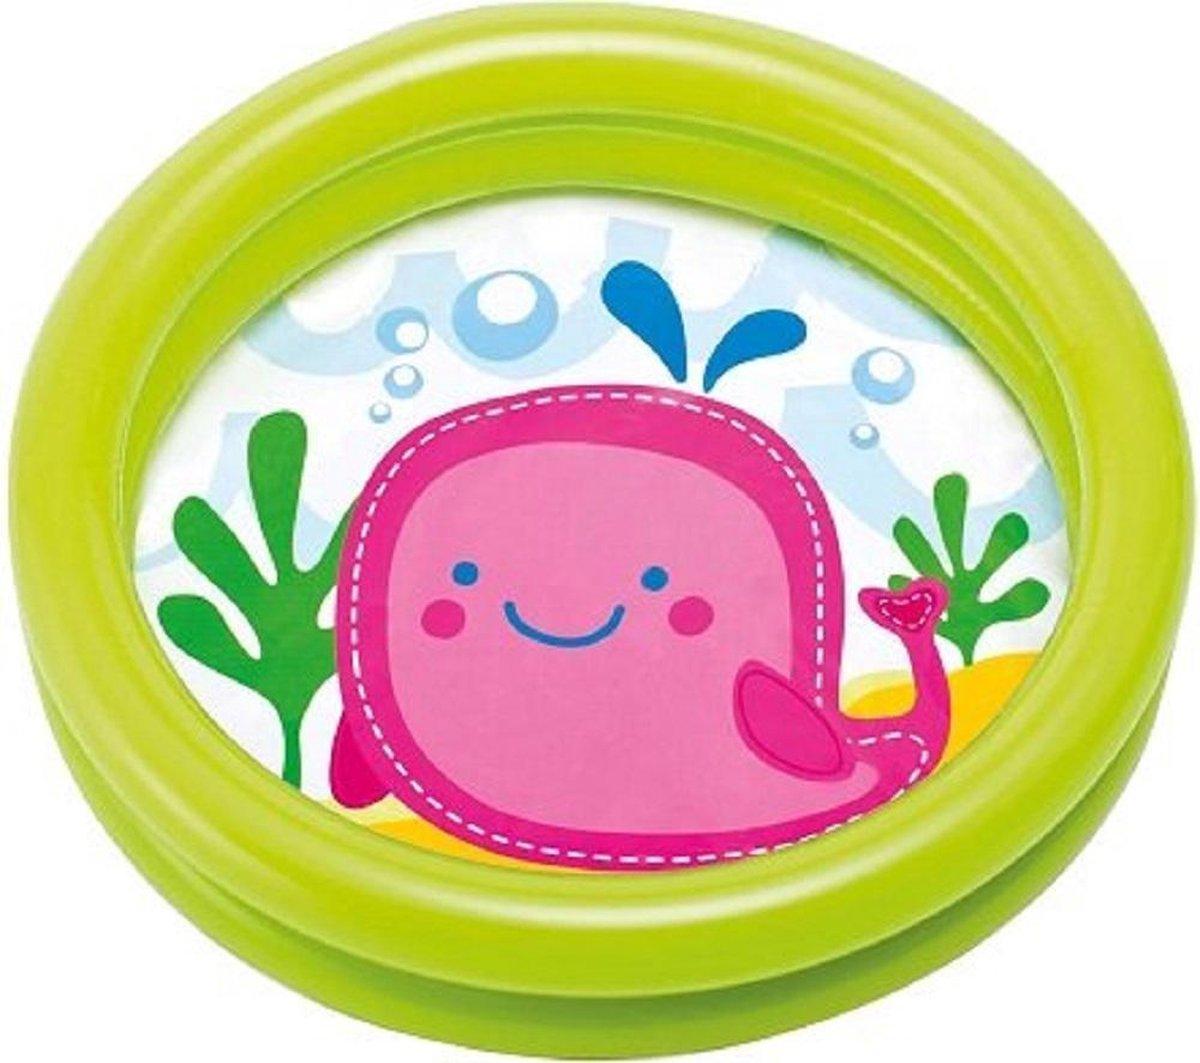 Baby zwembad, opblaasbad, opblaasbaar zwembadje groen (hoogte 15cm)